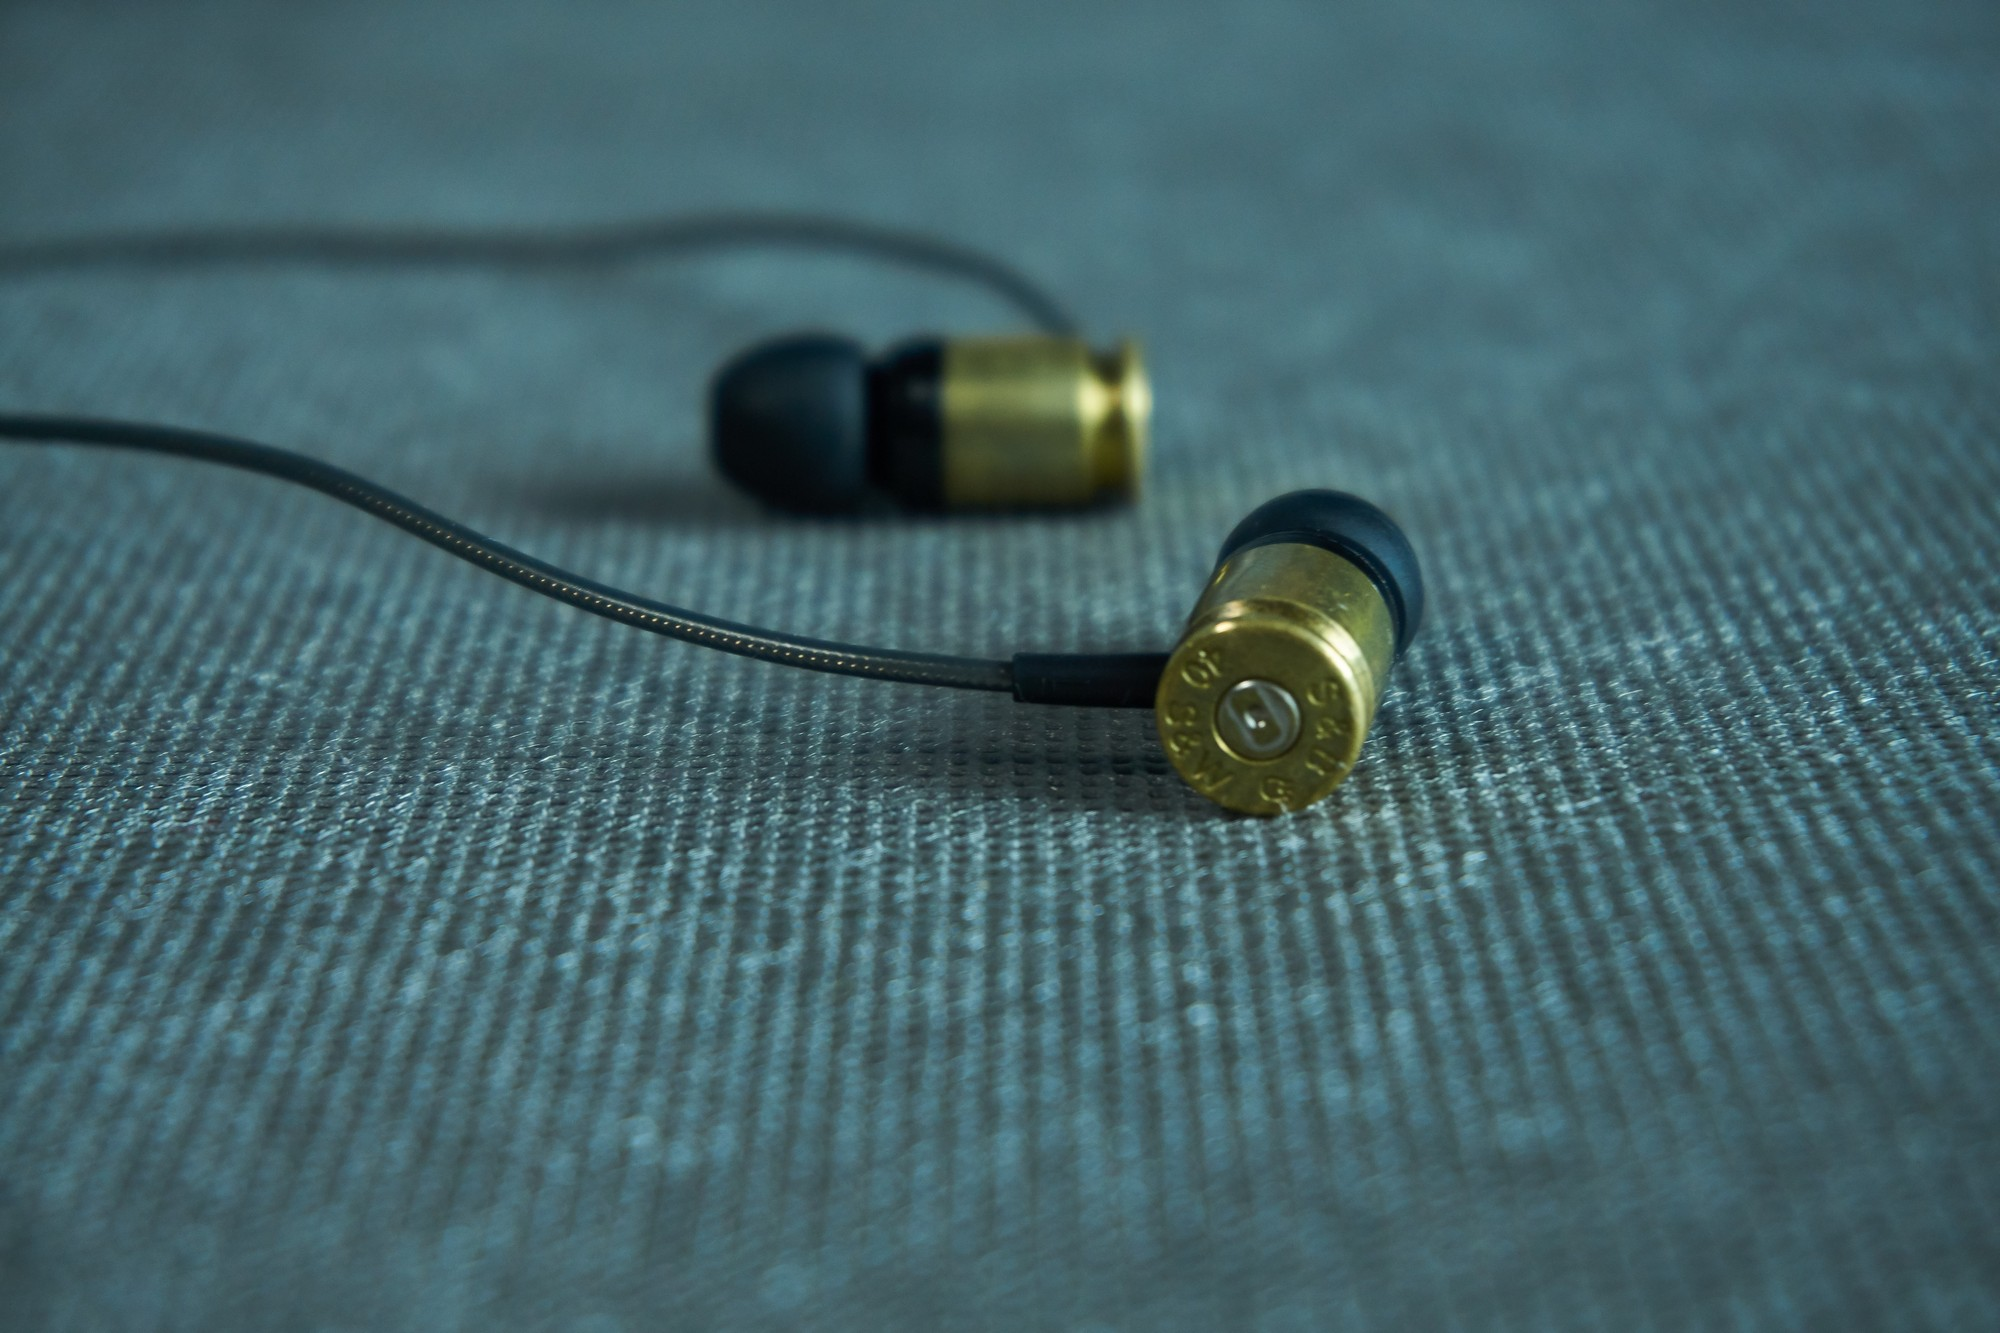 Federal 40 Sicario - recenzja wystrzałowych słuchawek dokanałowych 36